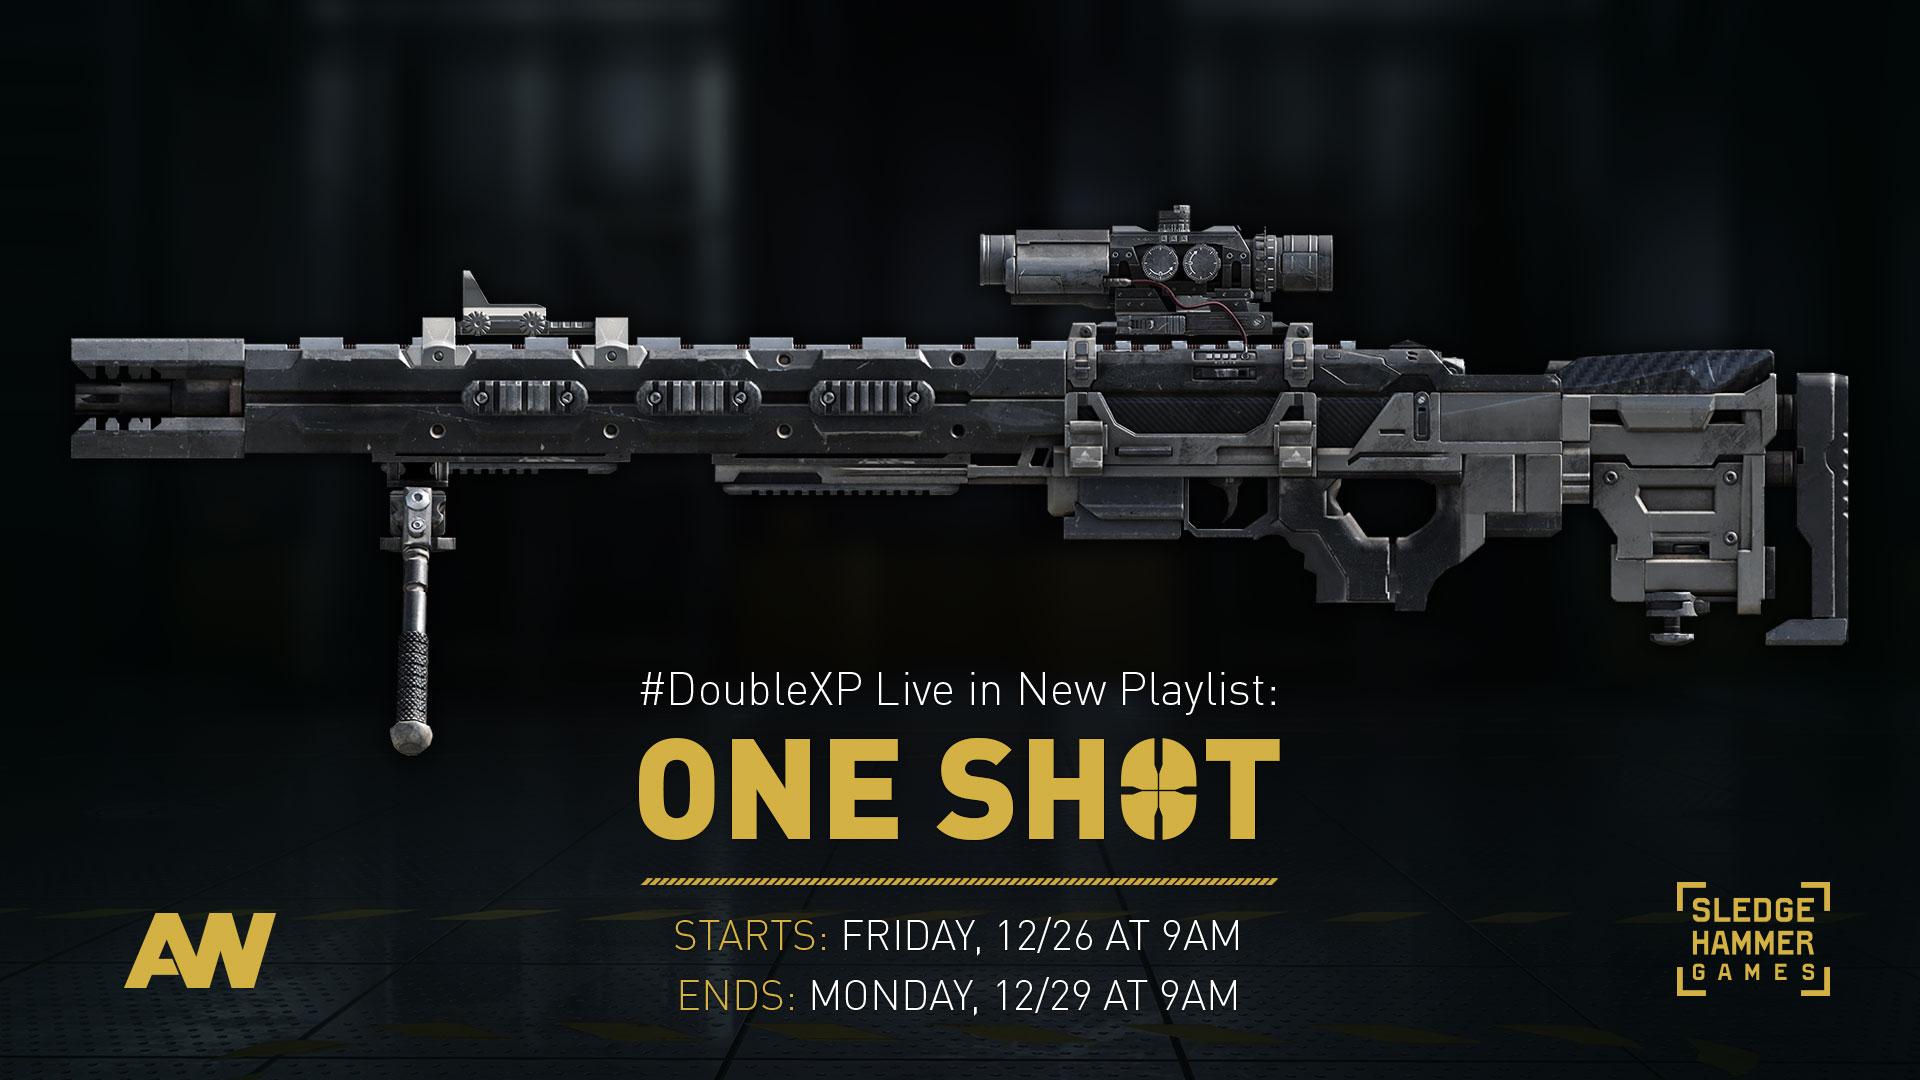 Advanced Warfare One shot